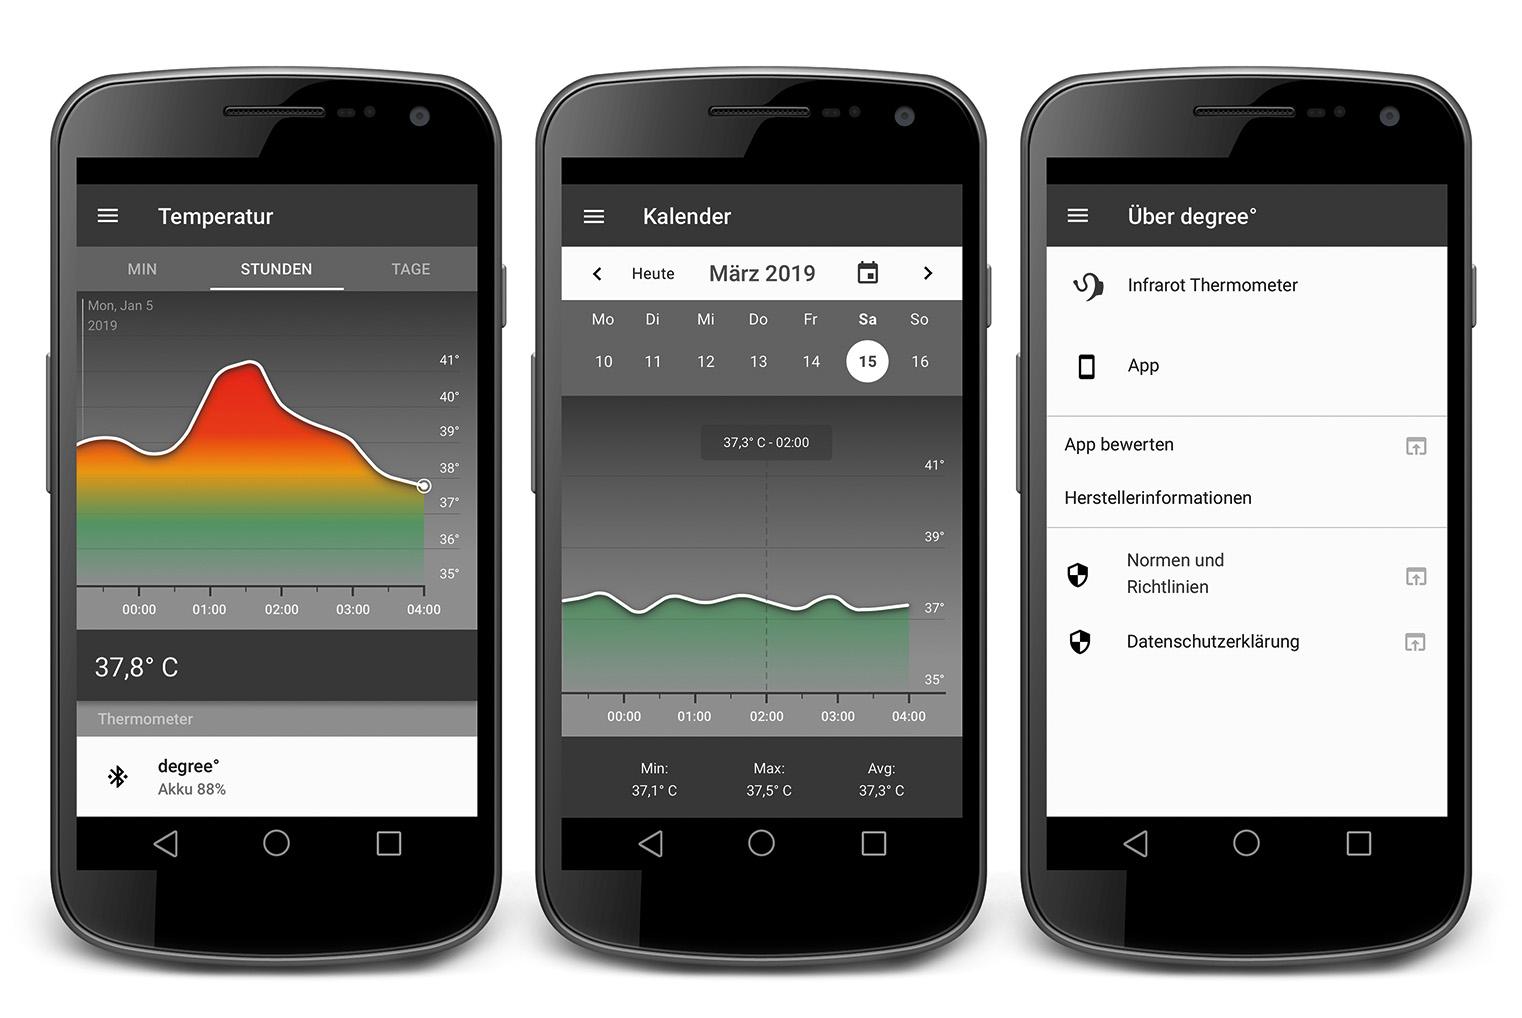 MockUps der Smartphone App mit Temperaturanzeige des degree Thermometers